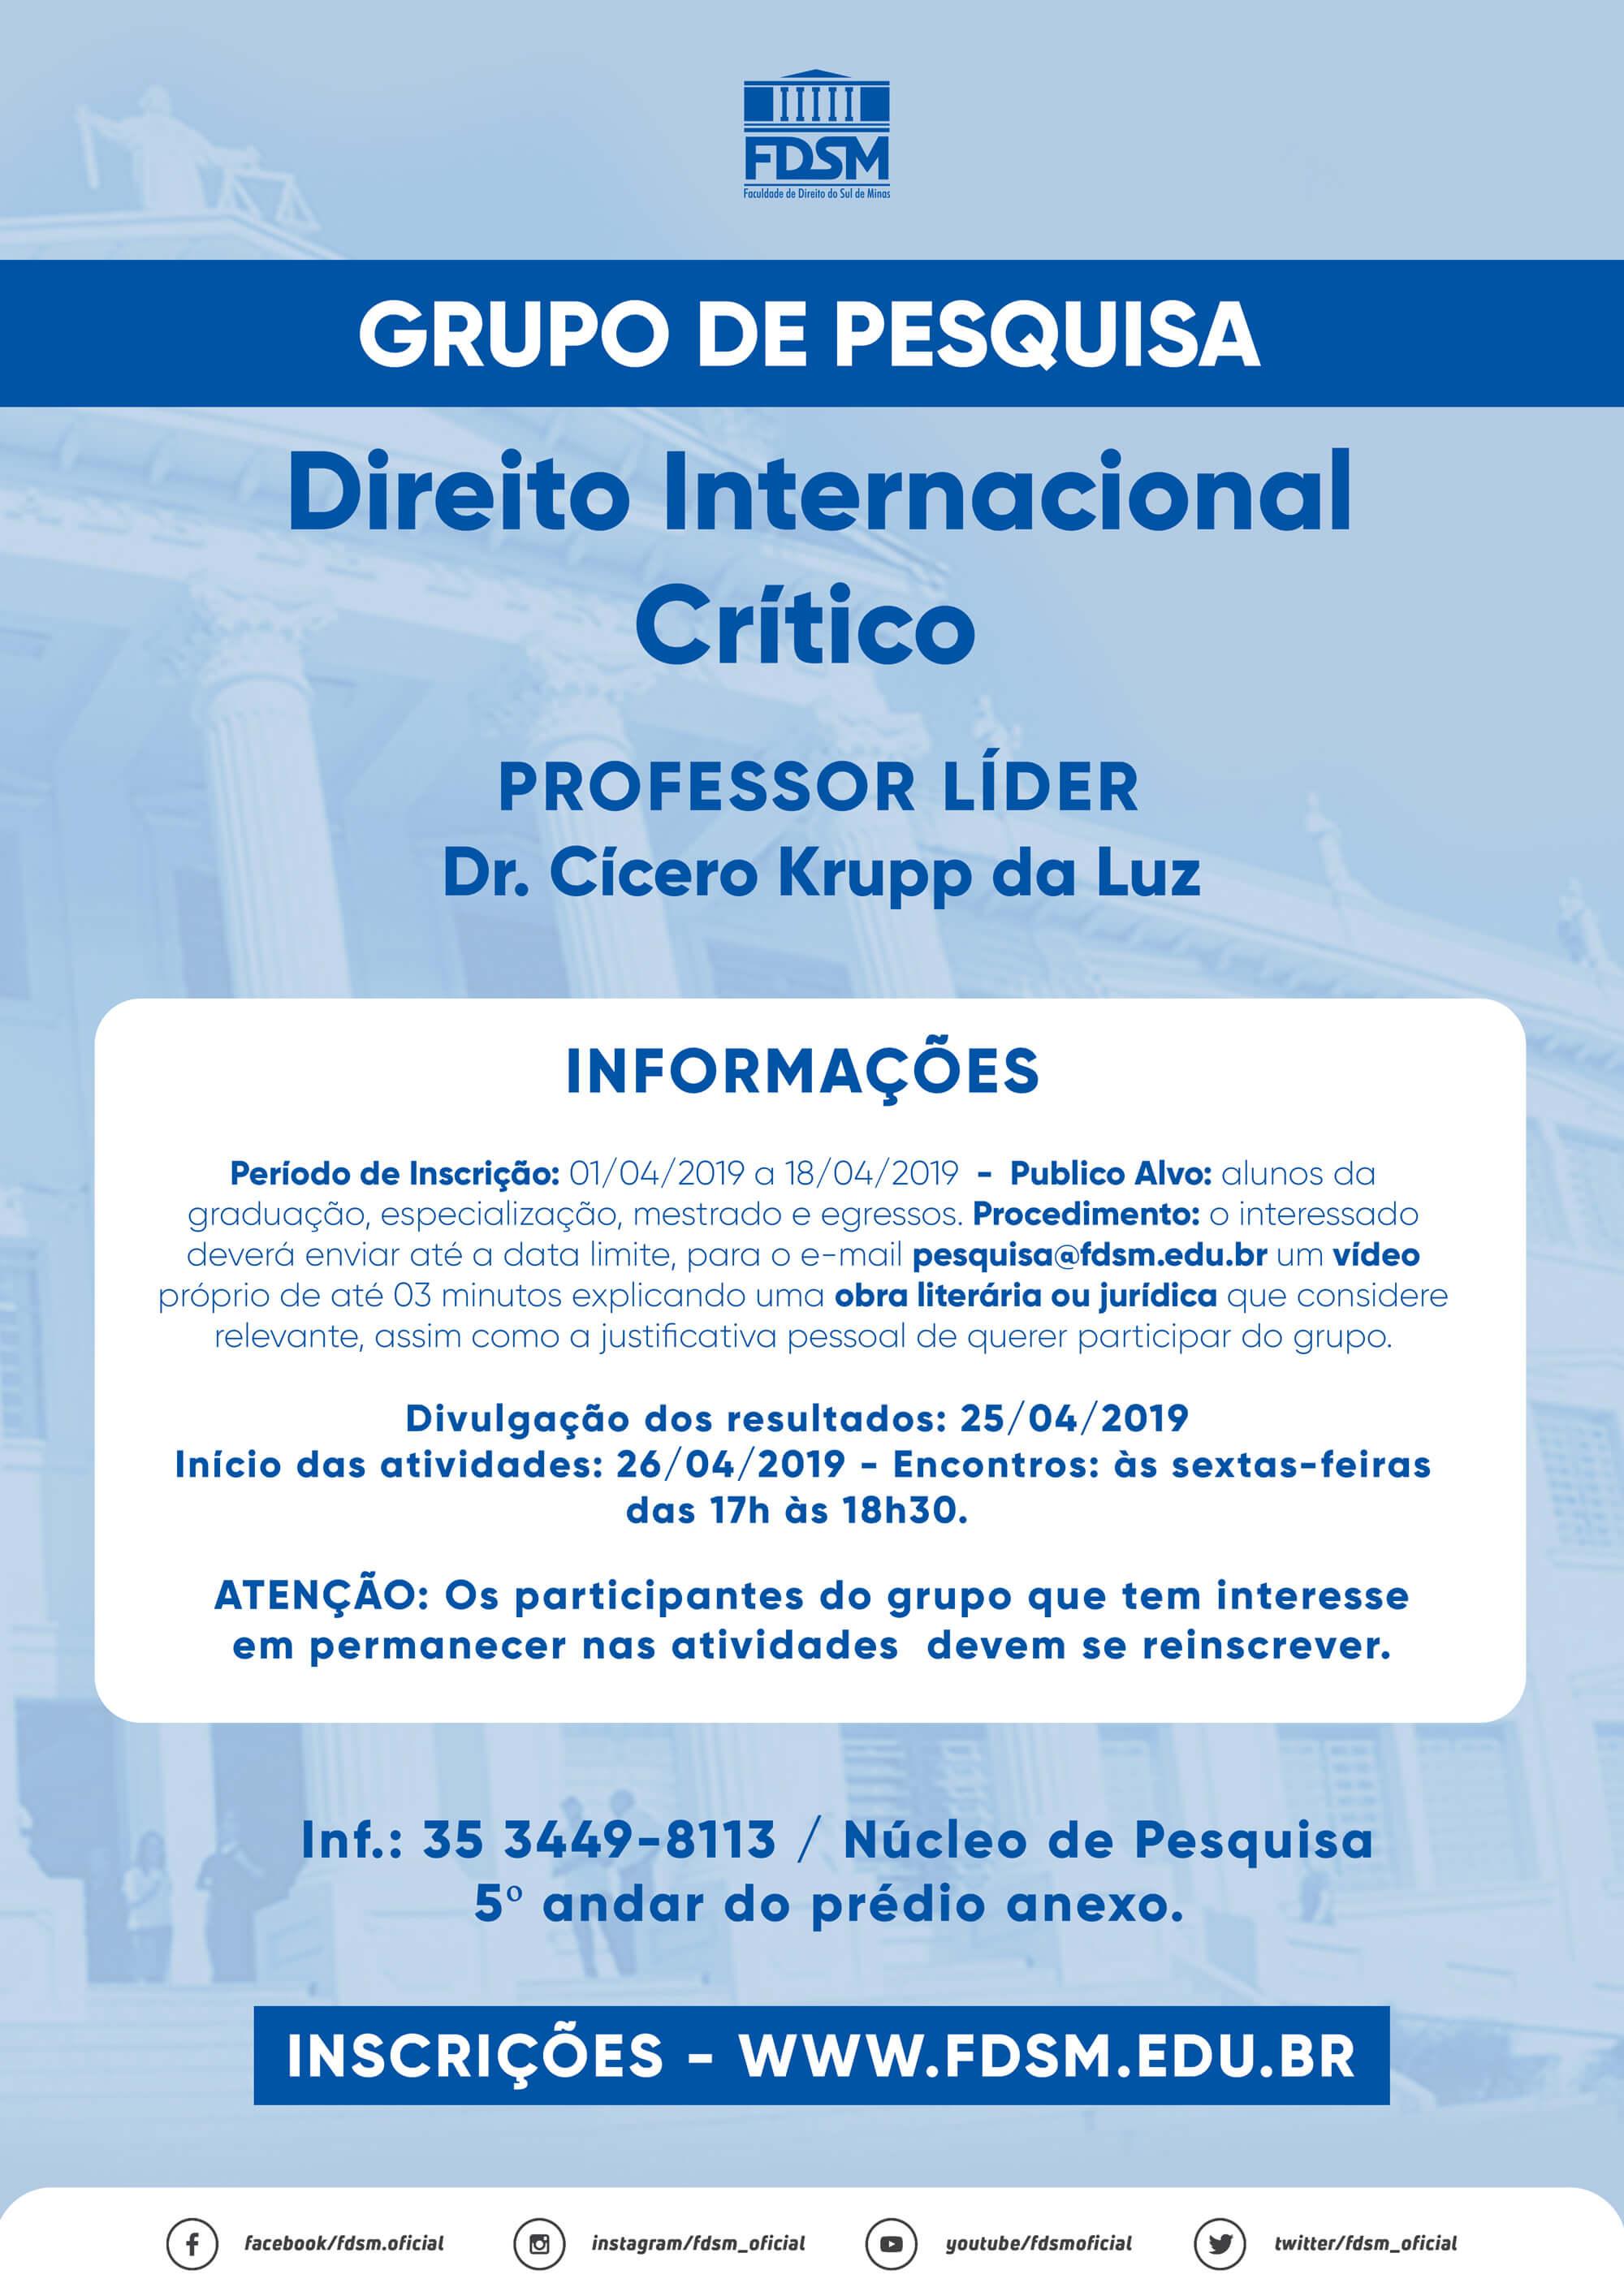 Grupo de Pesquisa: Direito Internacional Crítico